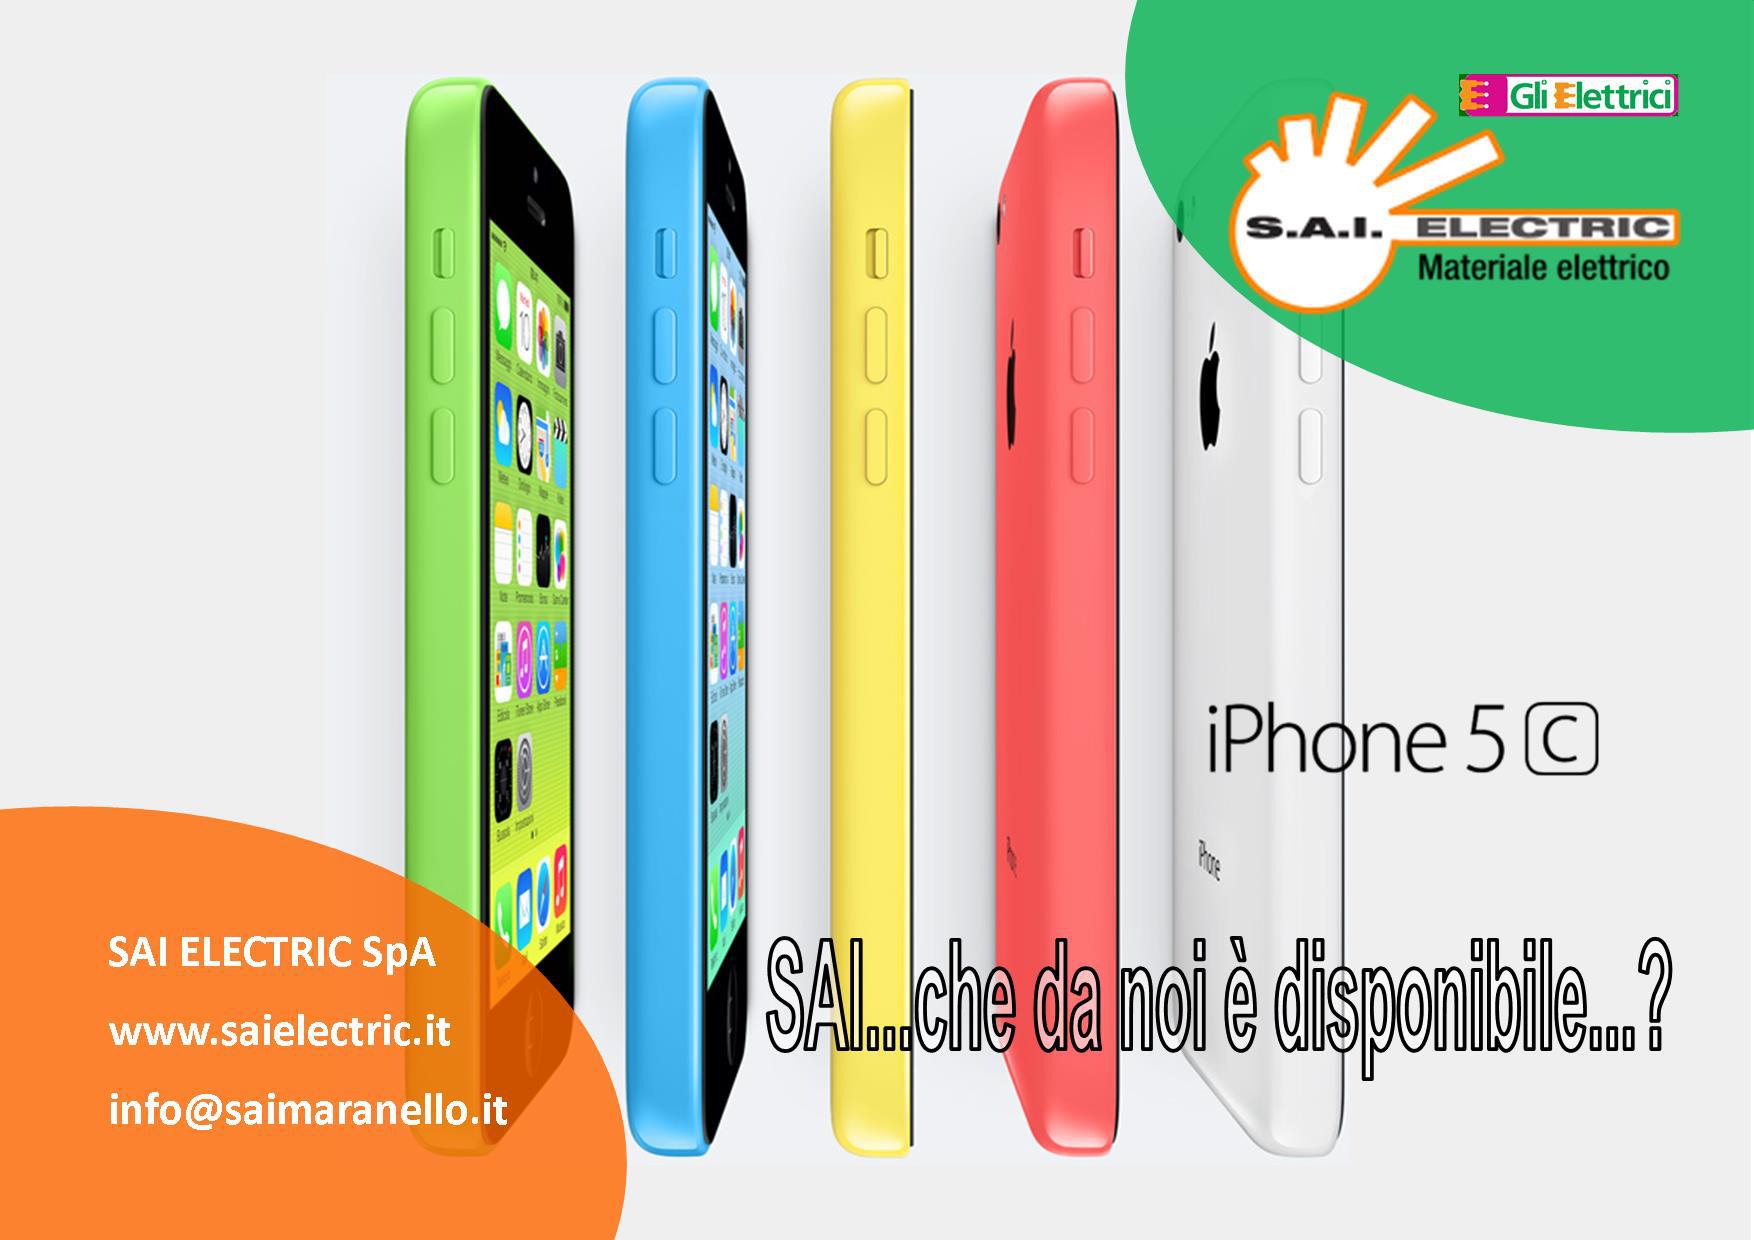 iphone 5cc